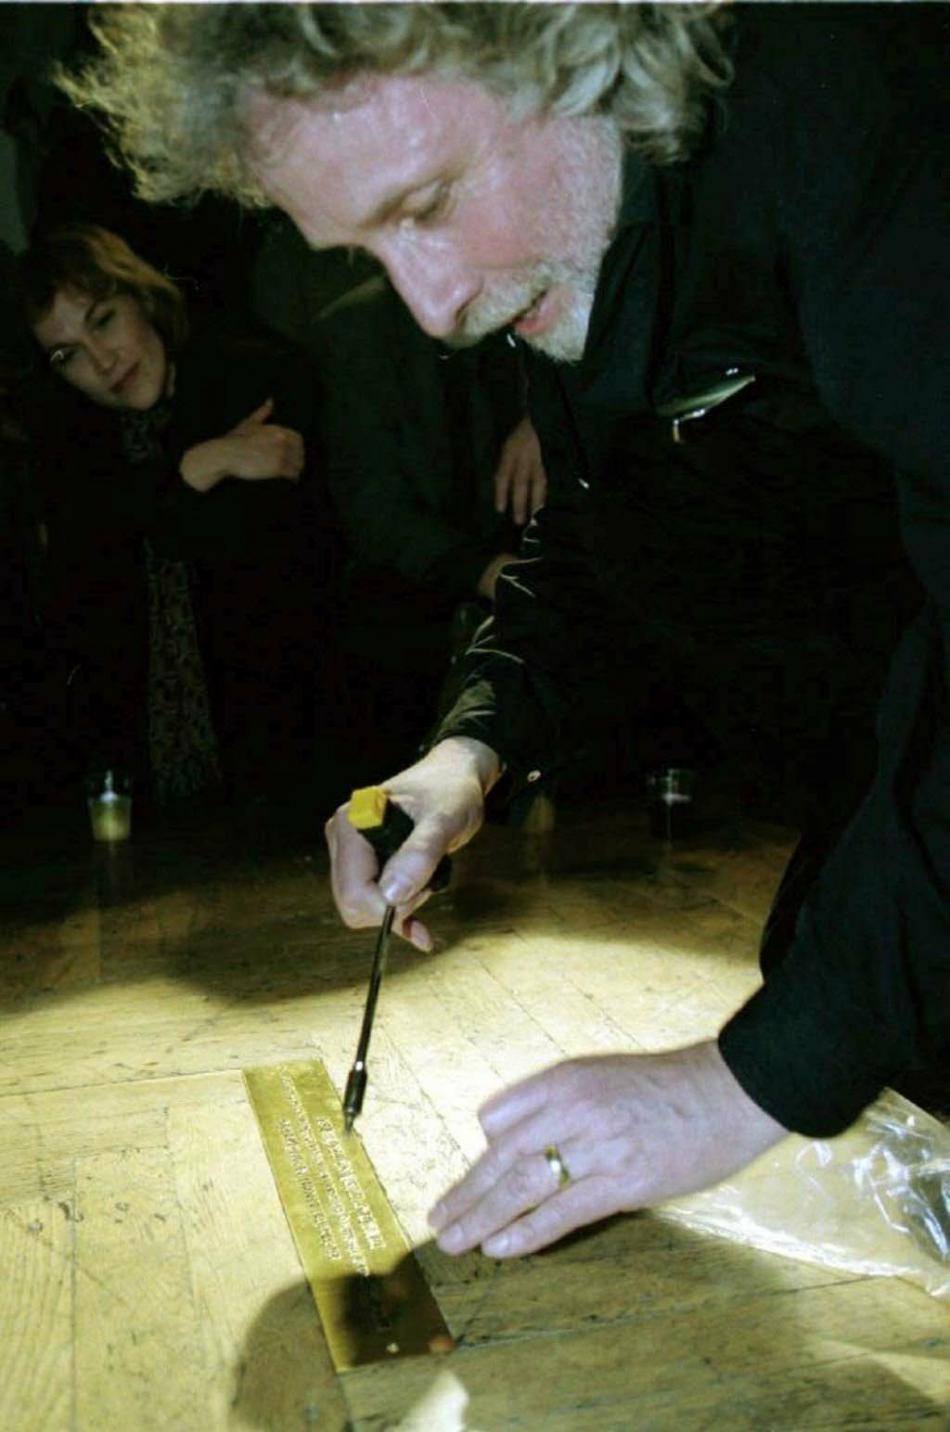 Na památku 30 let Husy na provázku zasadil umělecký ředitel divadla Petr Oslzlý zlatou parketu do brněnského Domu umění